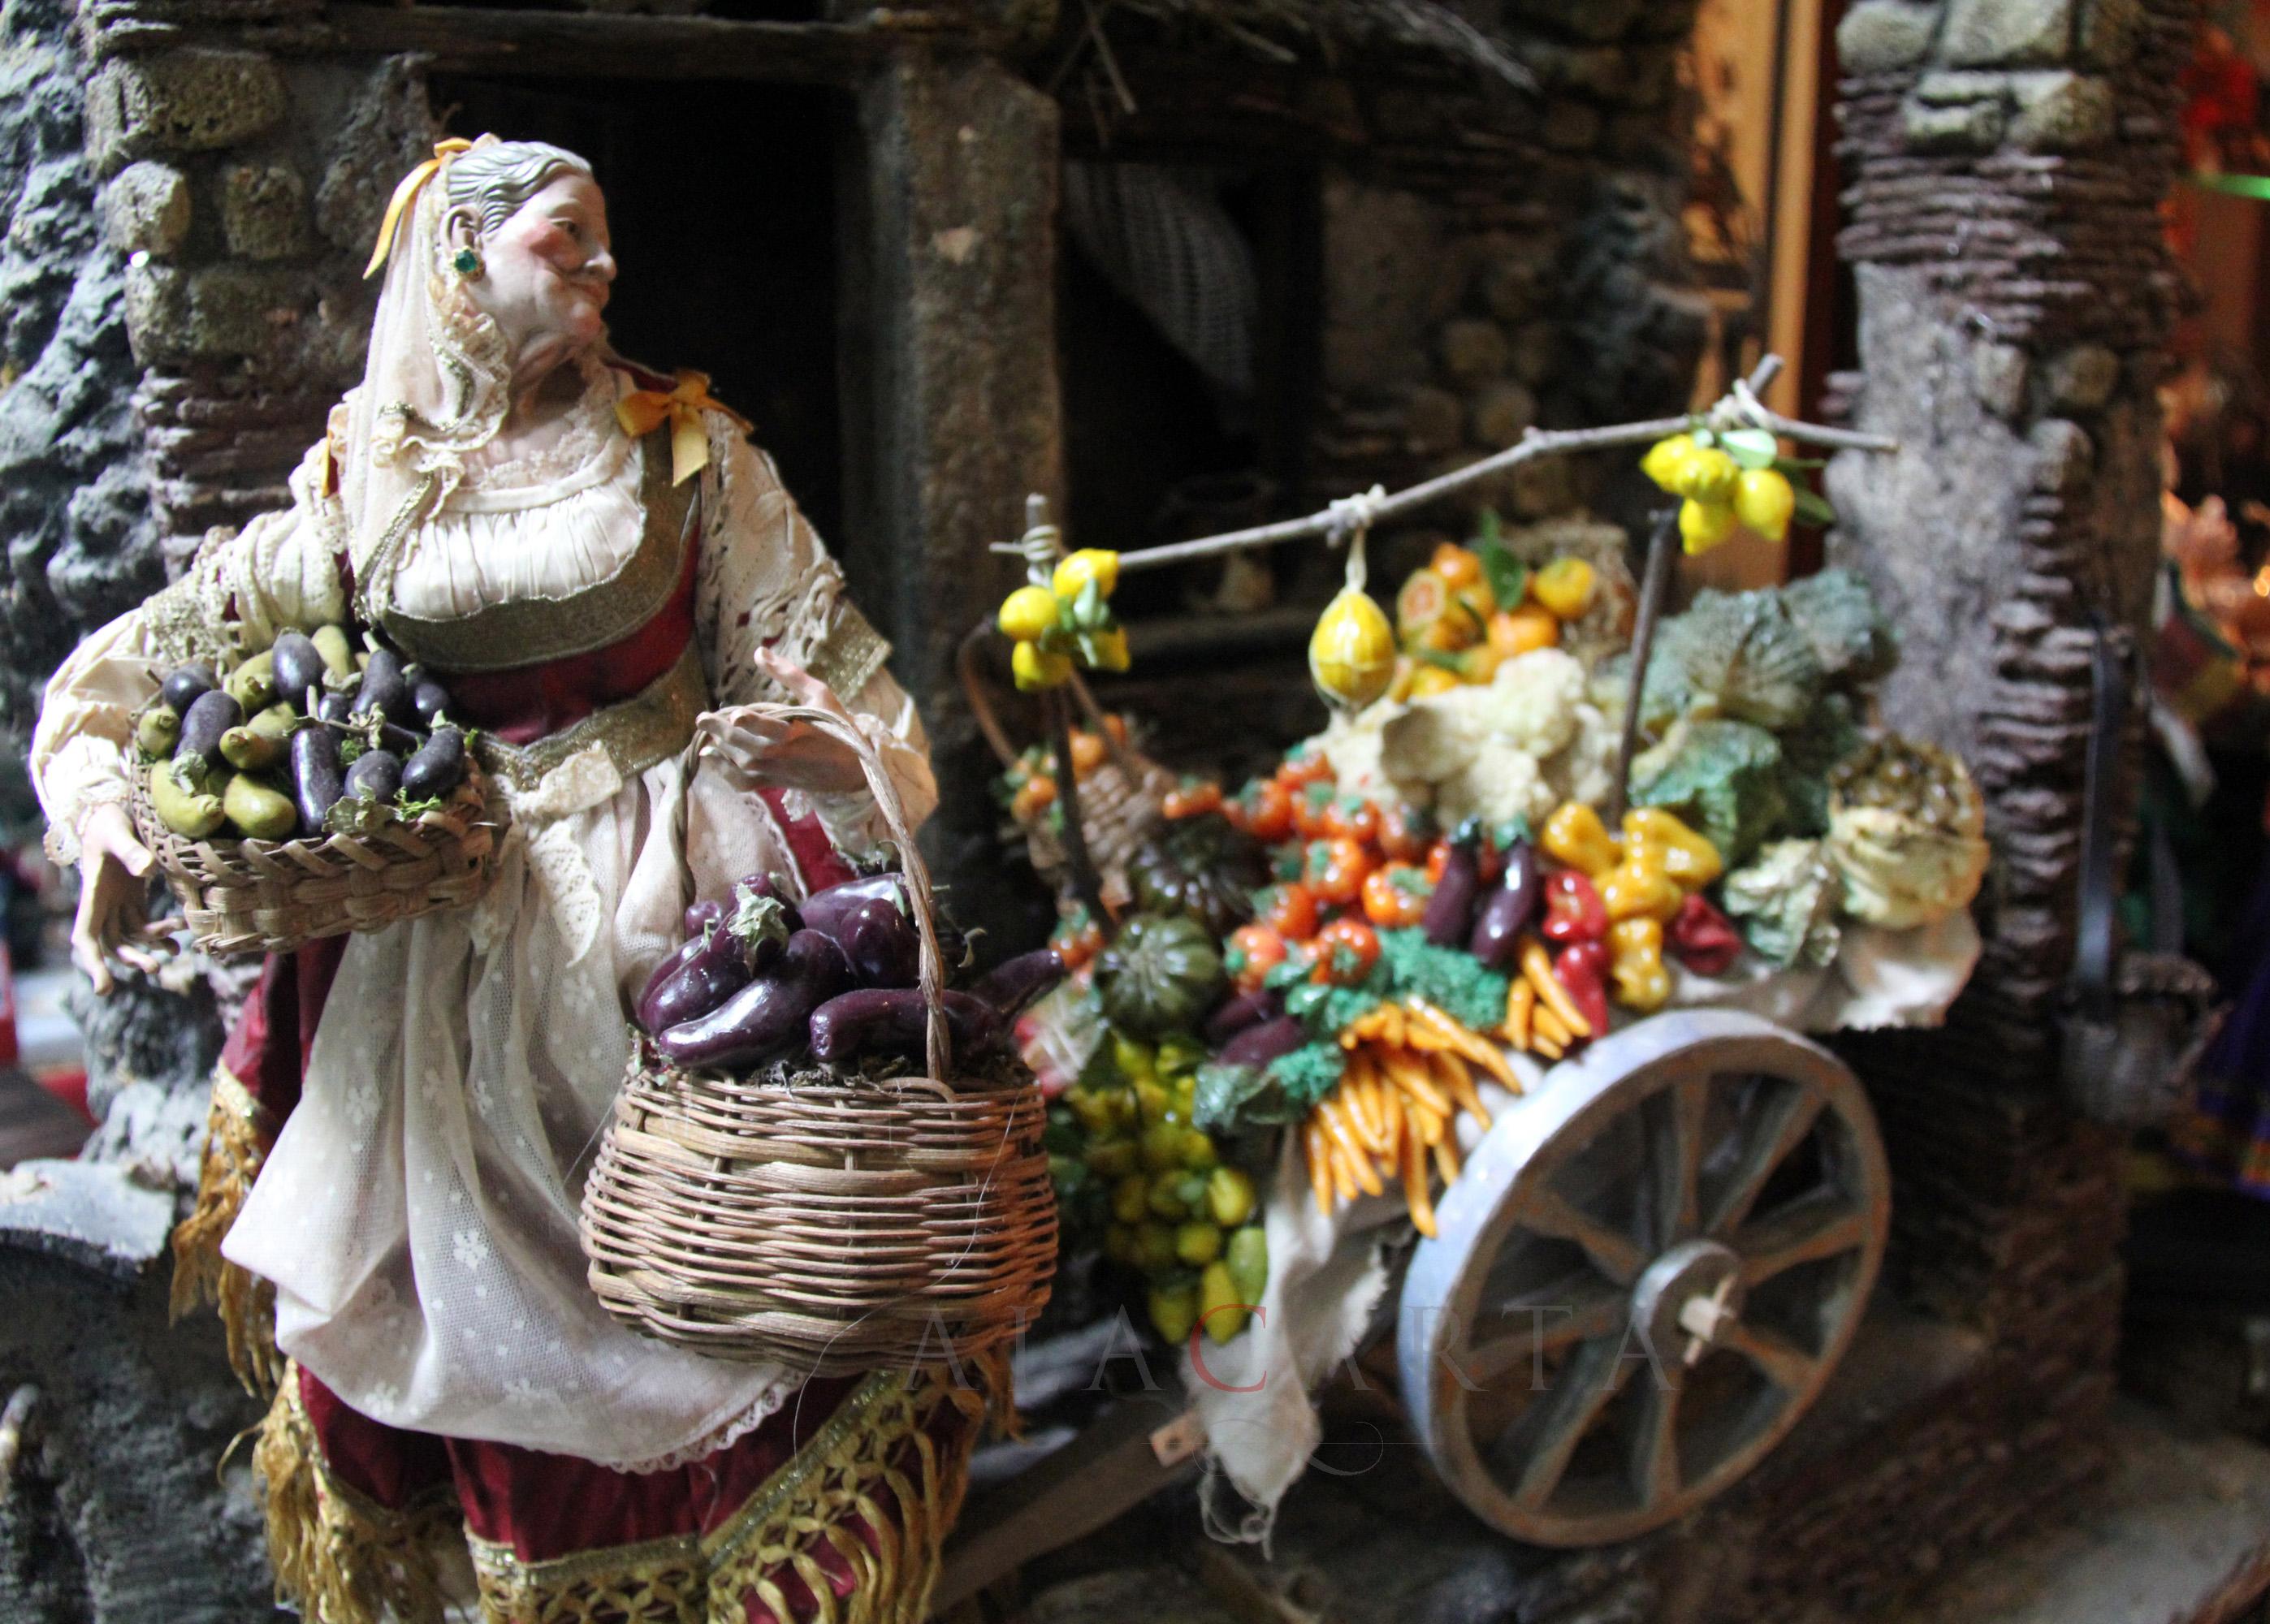 Venditrice di verdura presepe